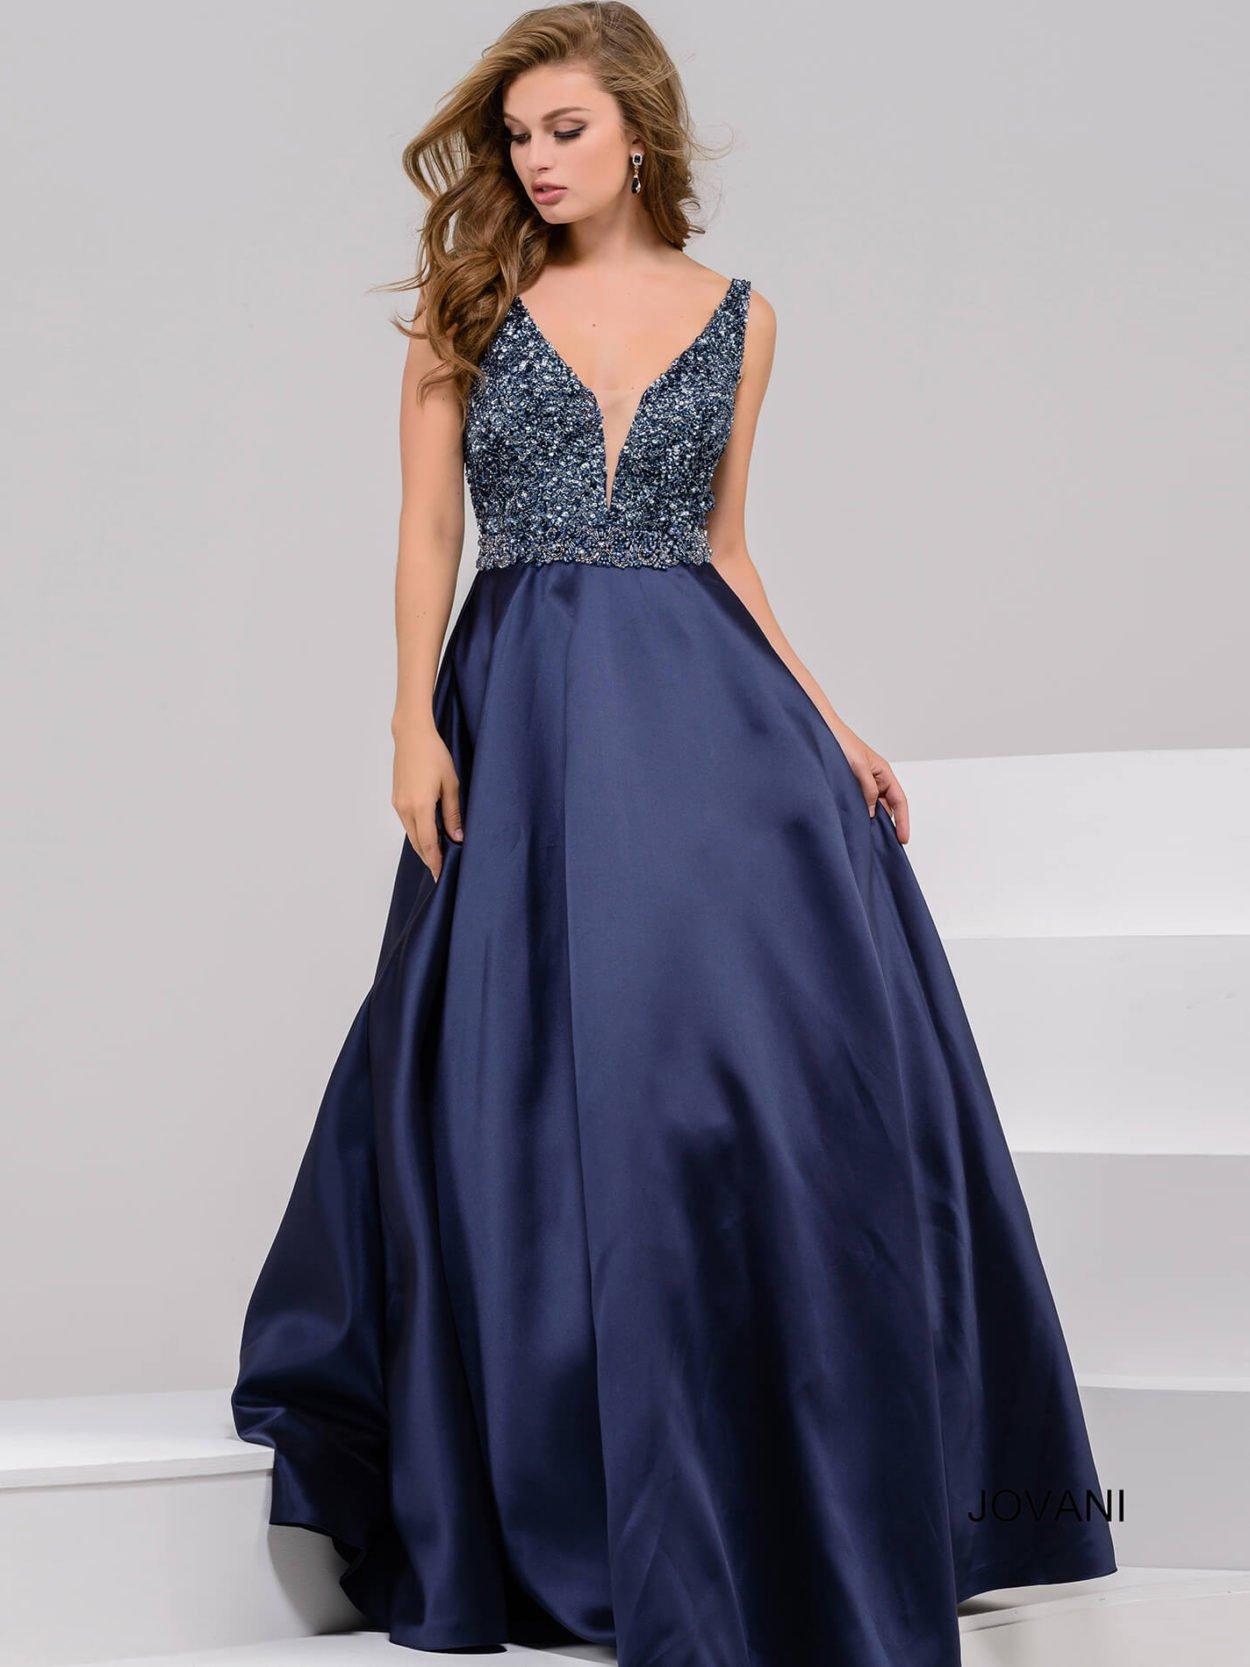 d9a85e16410 Выпускное синее платье Jovani 35341 navy ✓ купить в салоне Виктория!